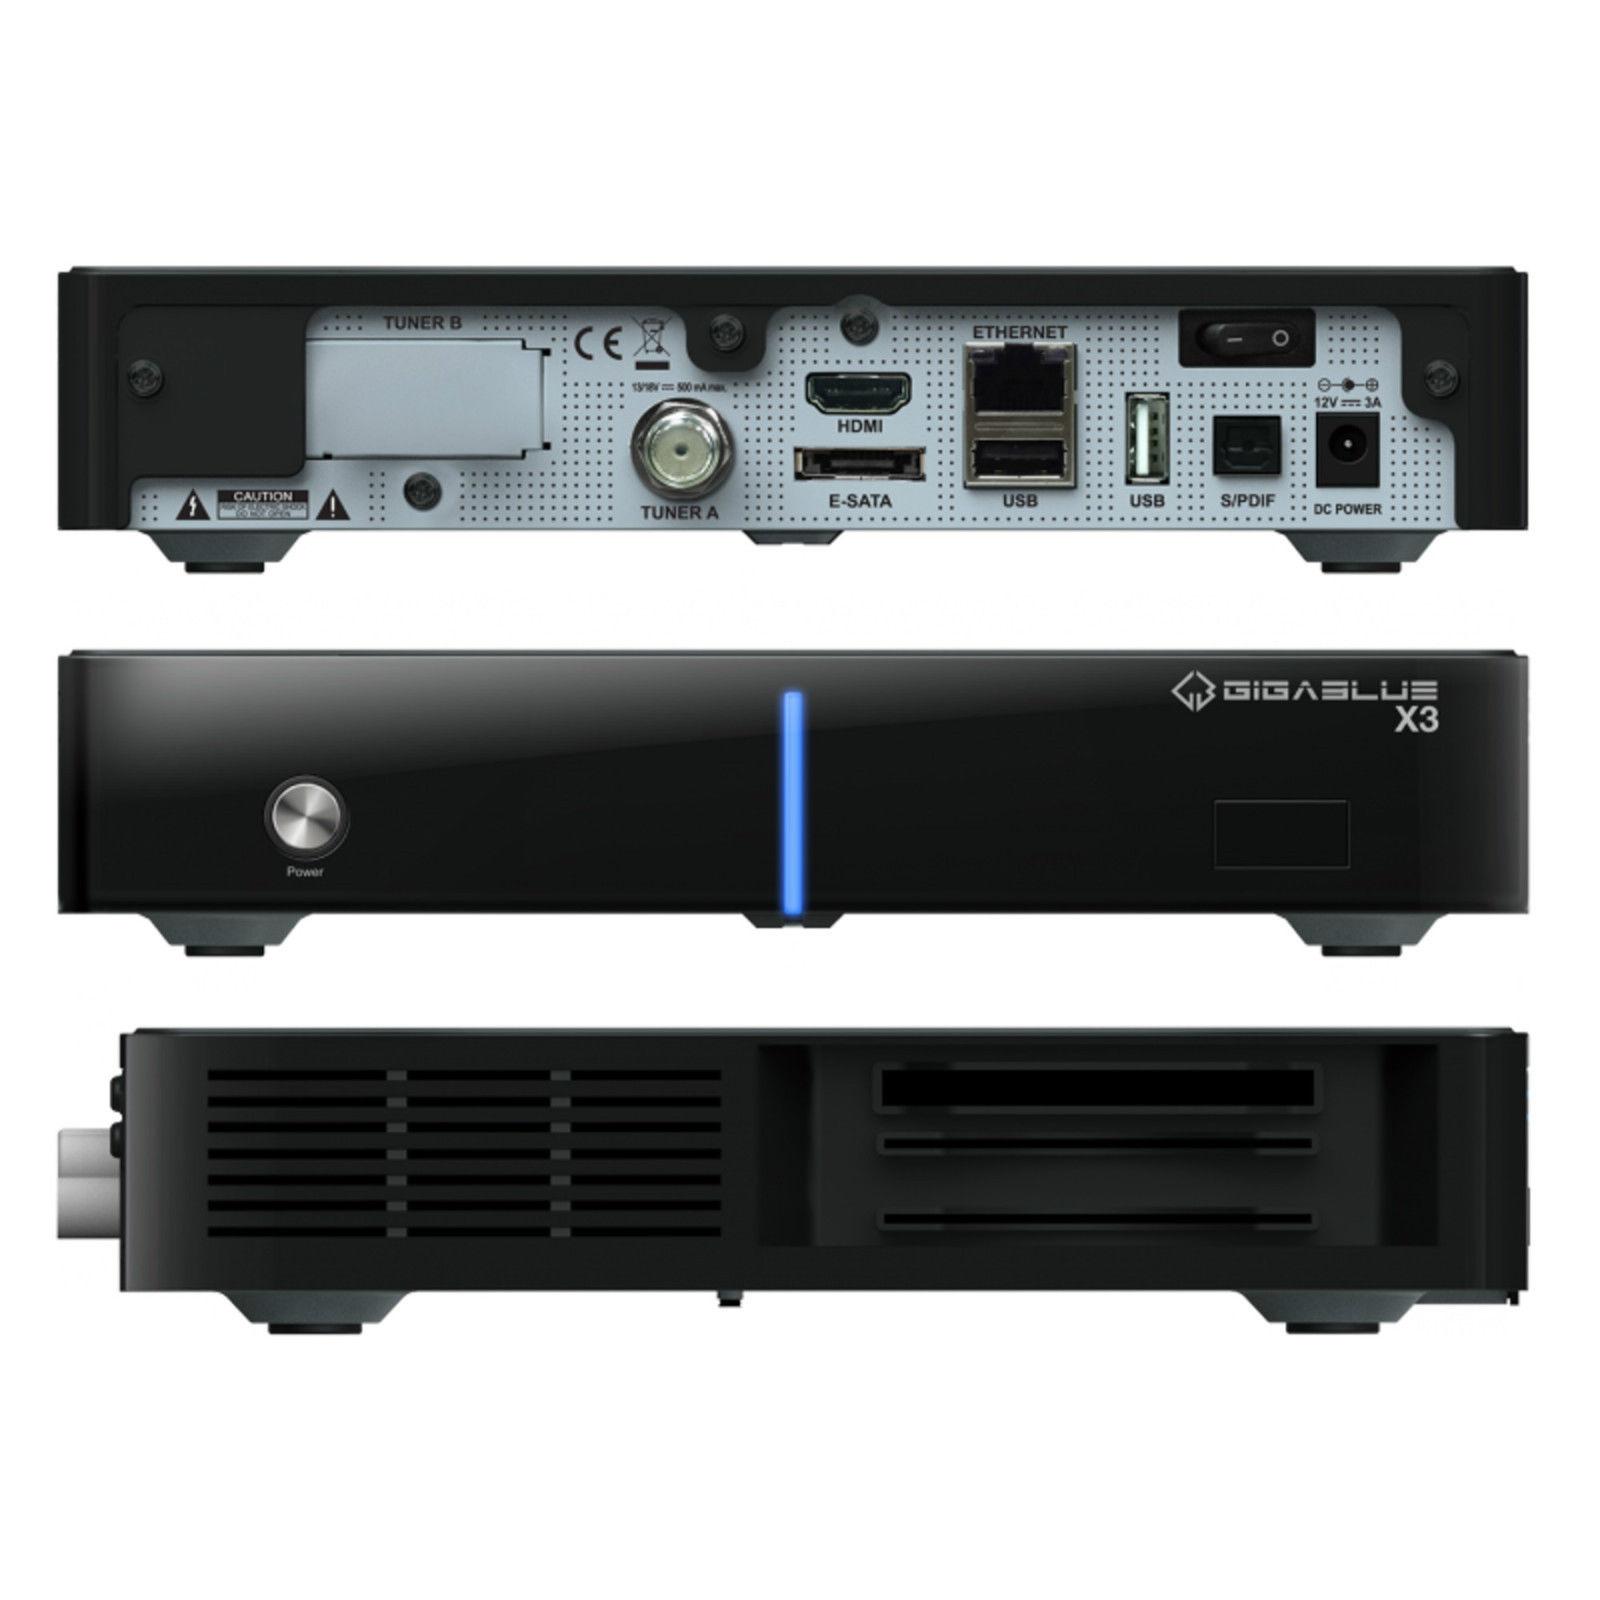 GigaBlue HD X3 für 129€ bei eBay - Linux-Receiver mit CI+, IP-TV, HbbTV uvm